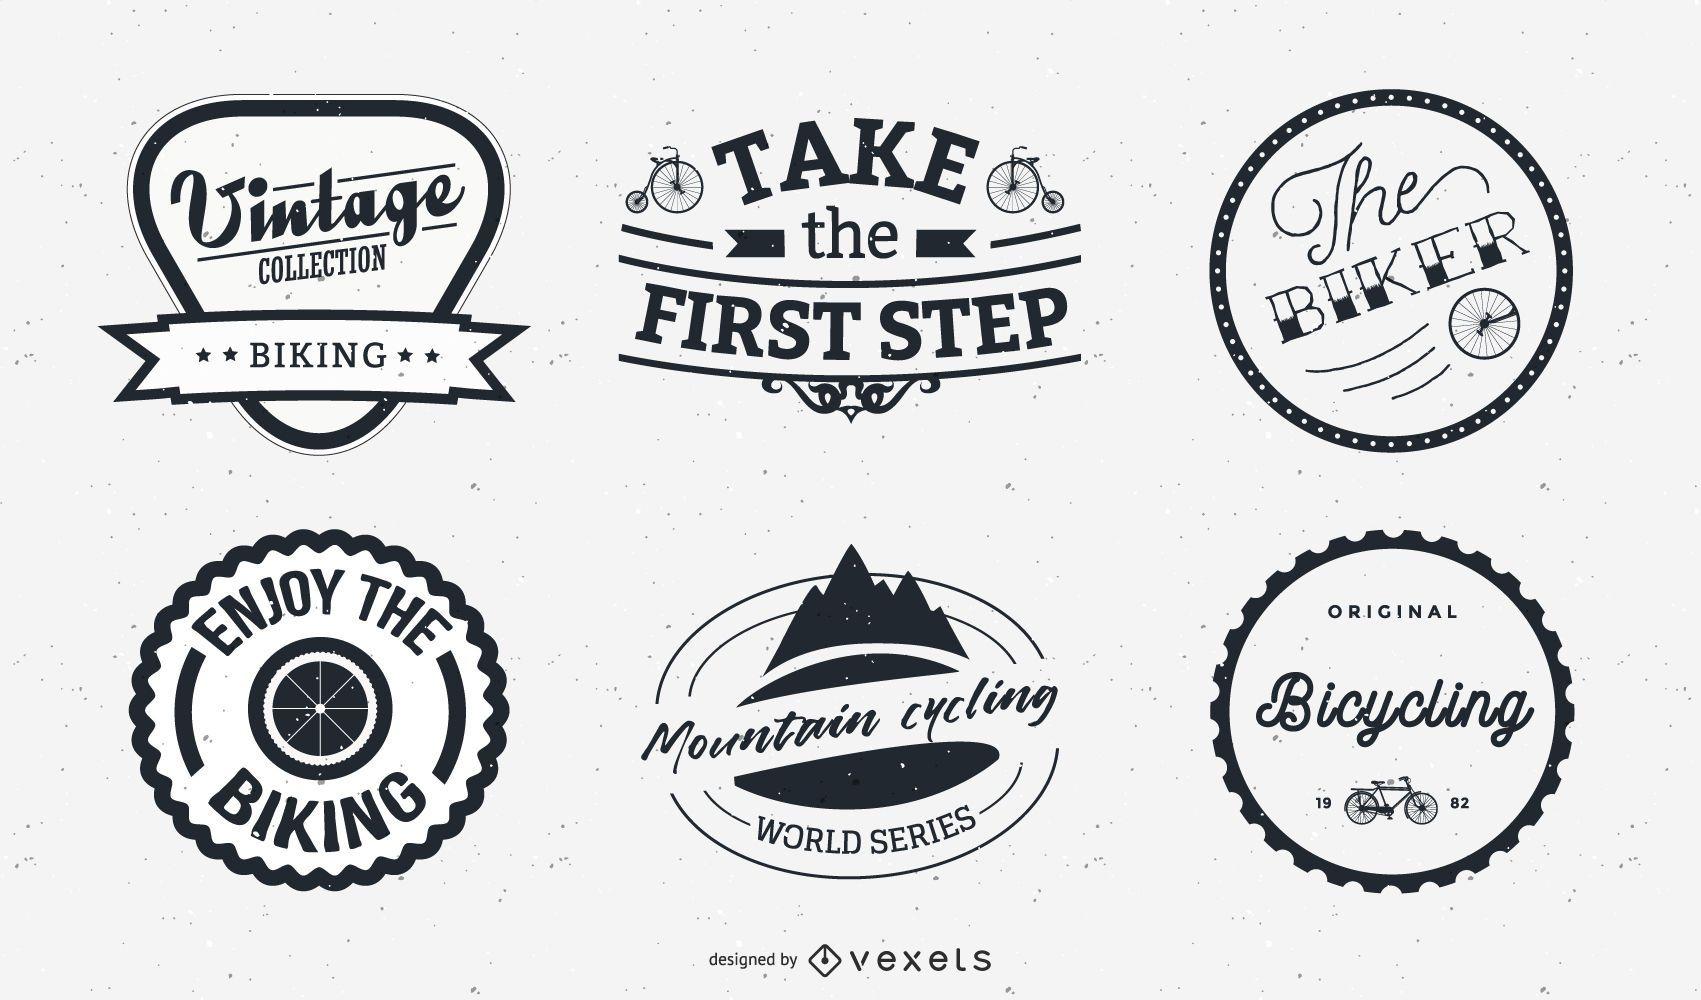 Conjunto de diseño de logotipo y etiqueta de bicicleta